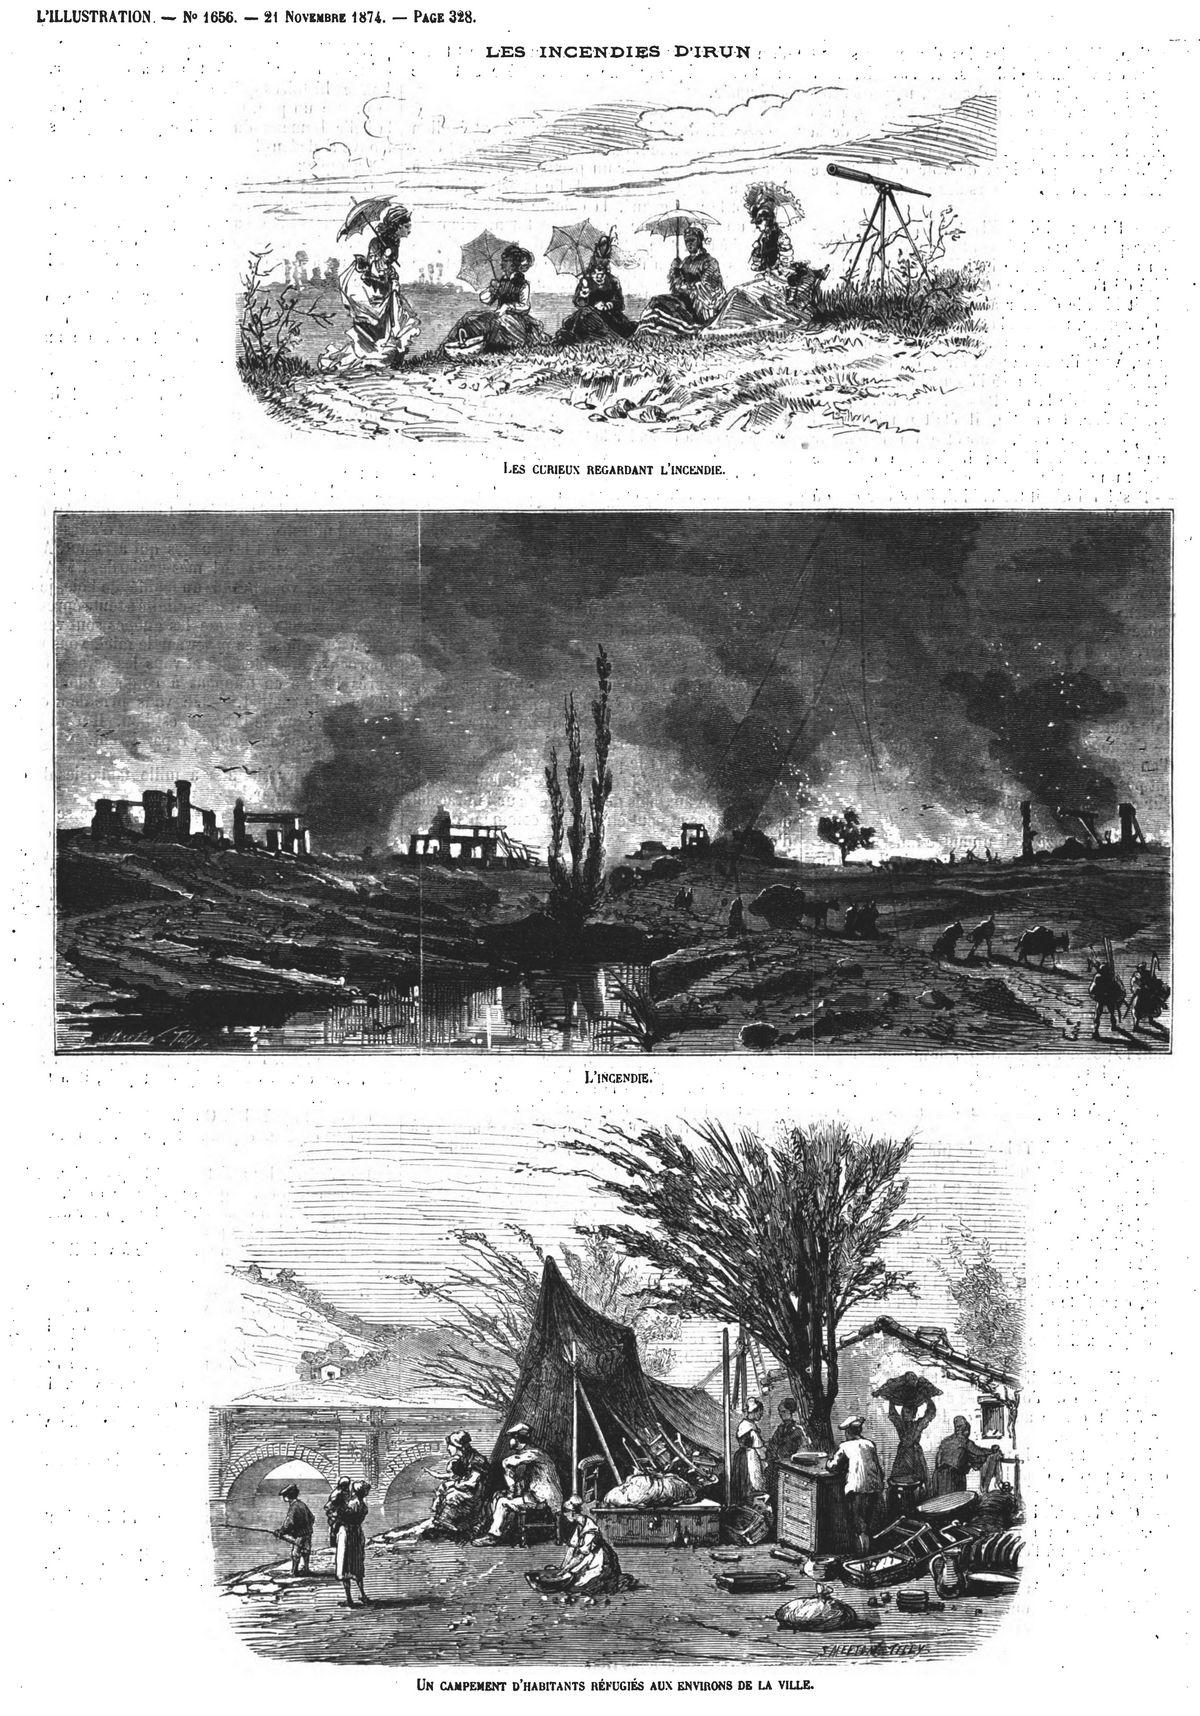 Les incendies d'Irun : les curieux regardant l'incendie; Gravure 1874 — L'incendie; Gravure 1874 — Un campement d'habitants réfugiés aux environs de la ville. Gravure 1874